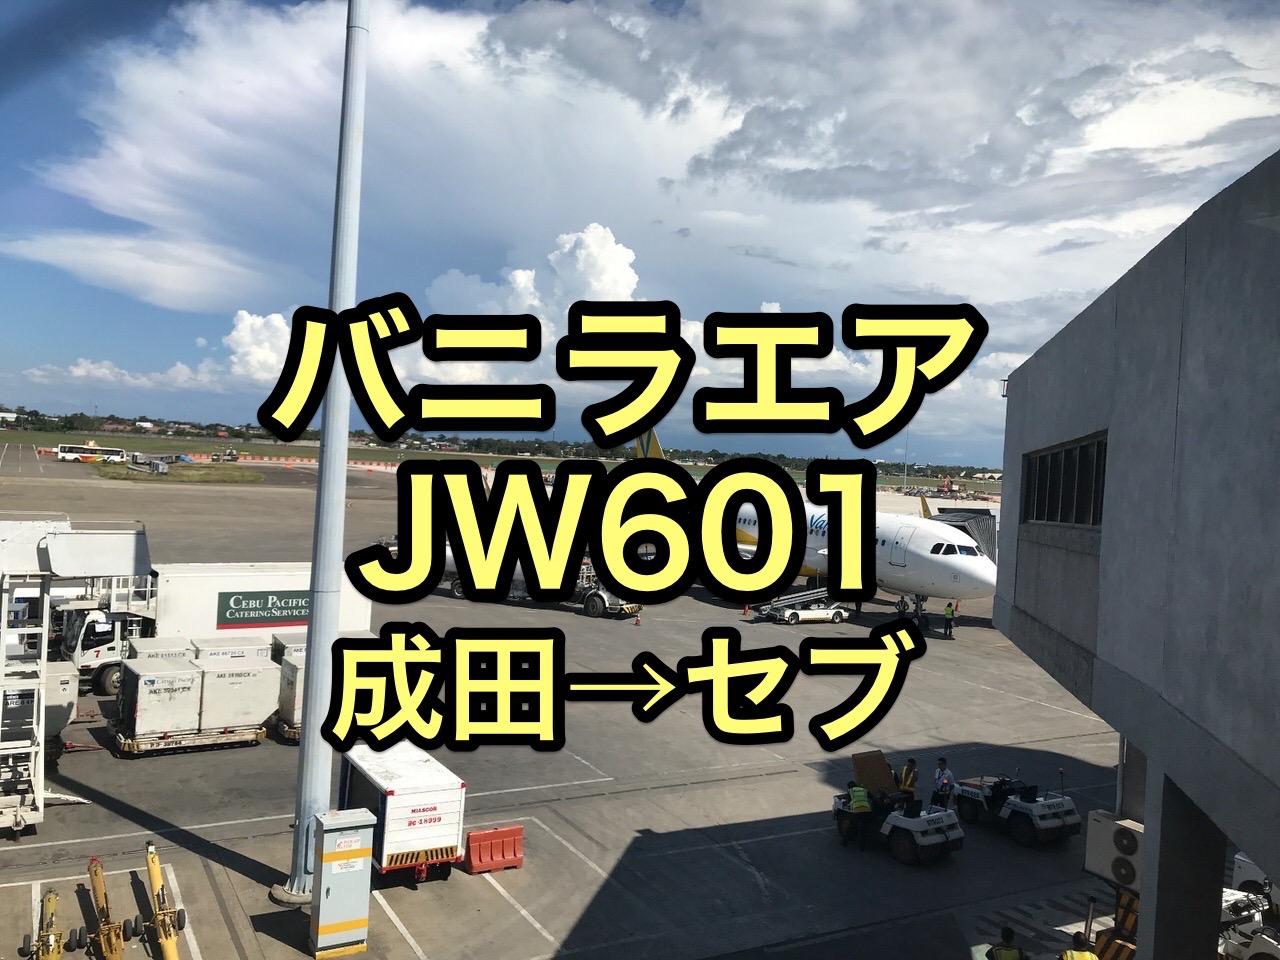 【JW601】バニラエアでセブへ